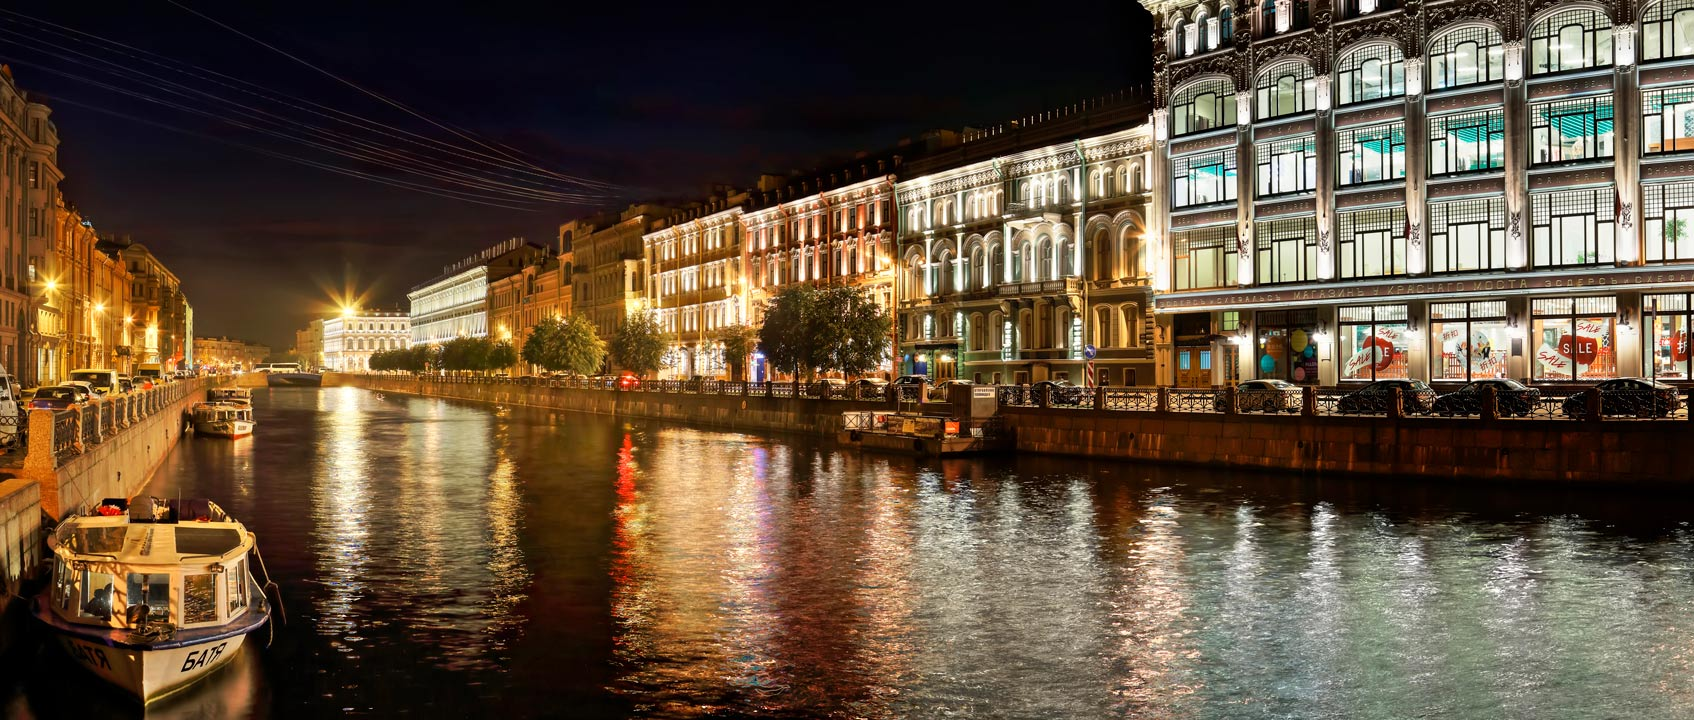 Санкт-Петербург что посмотреть за один день